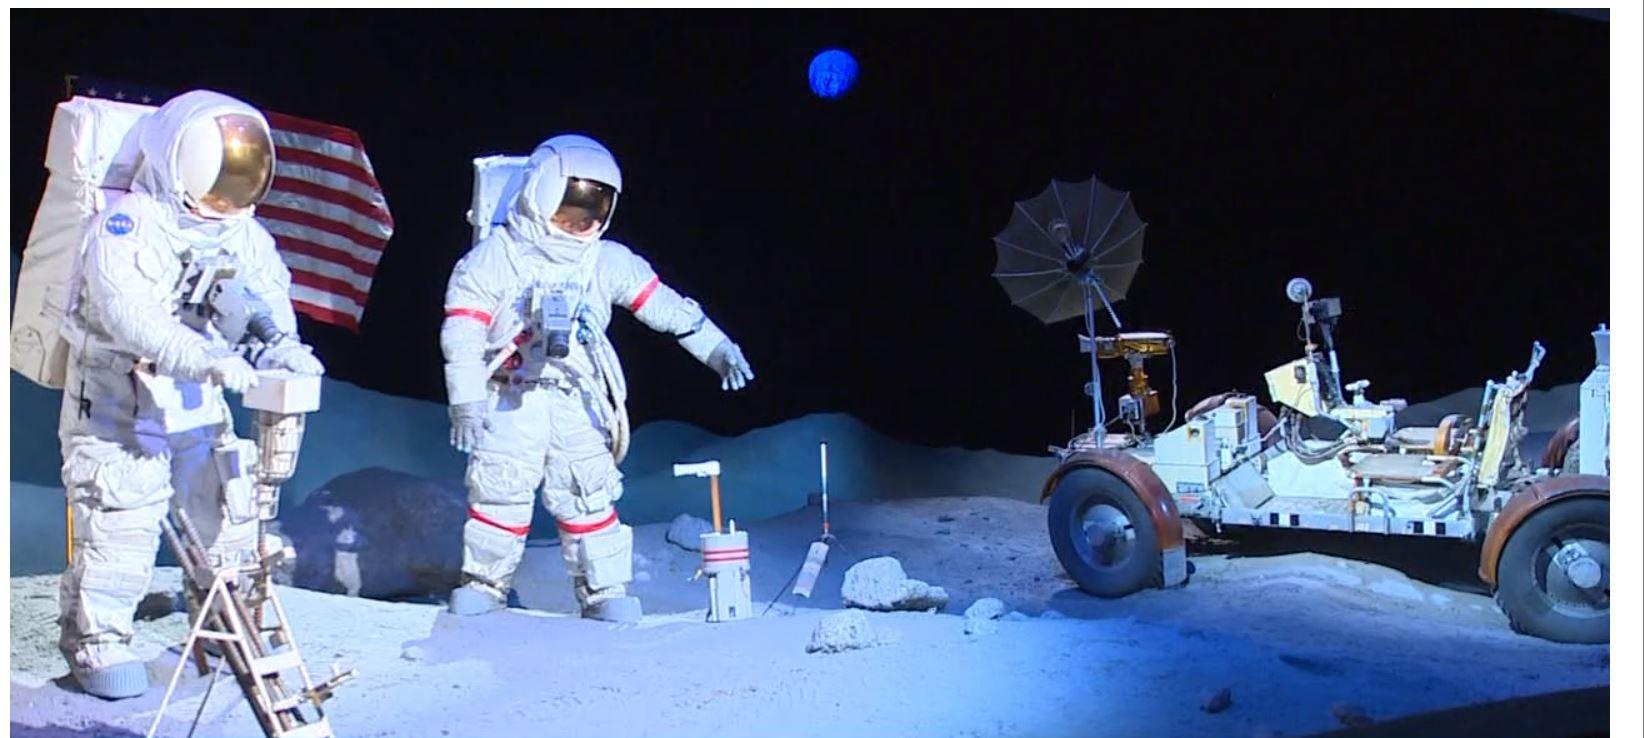 apollo 11 at space center houston - photo #22